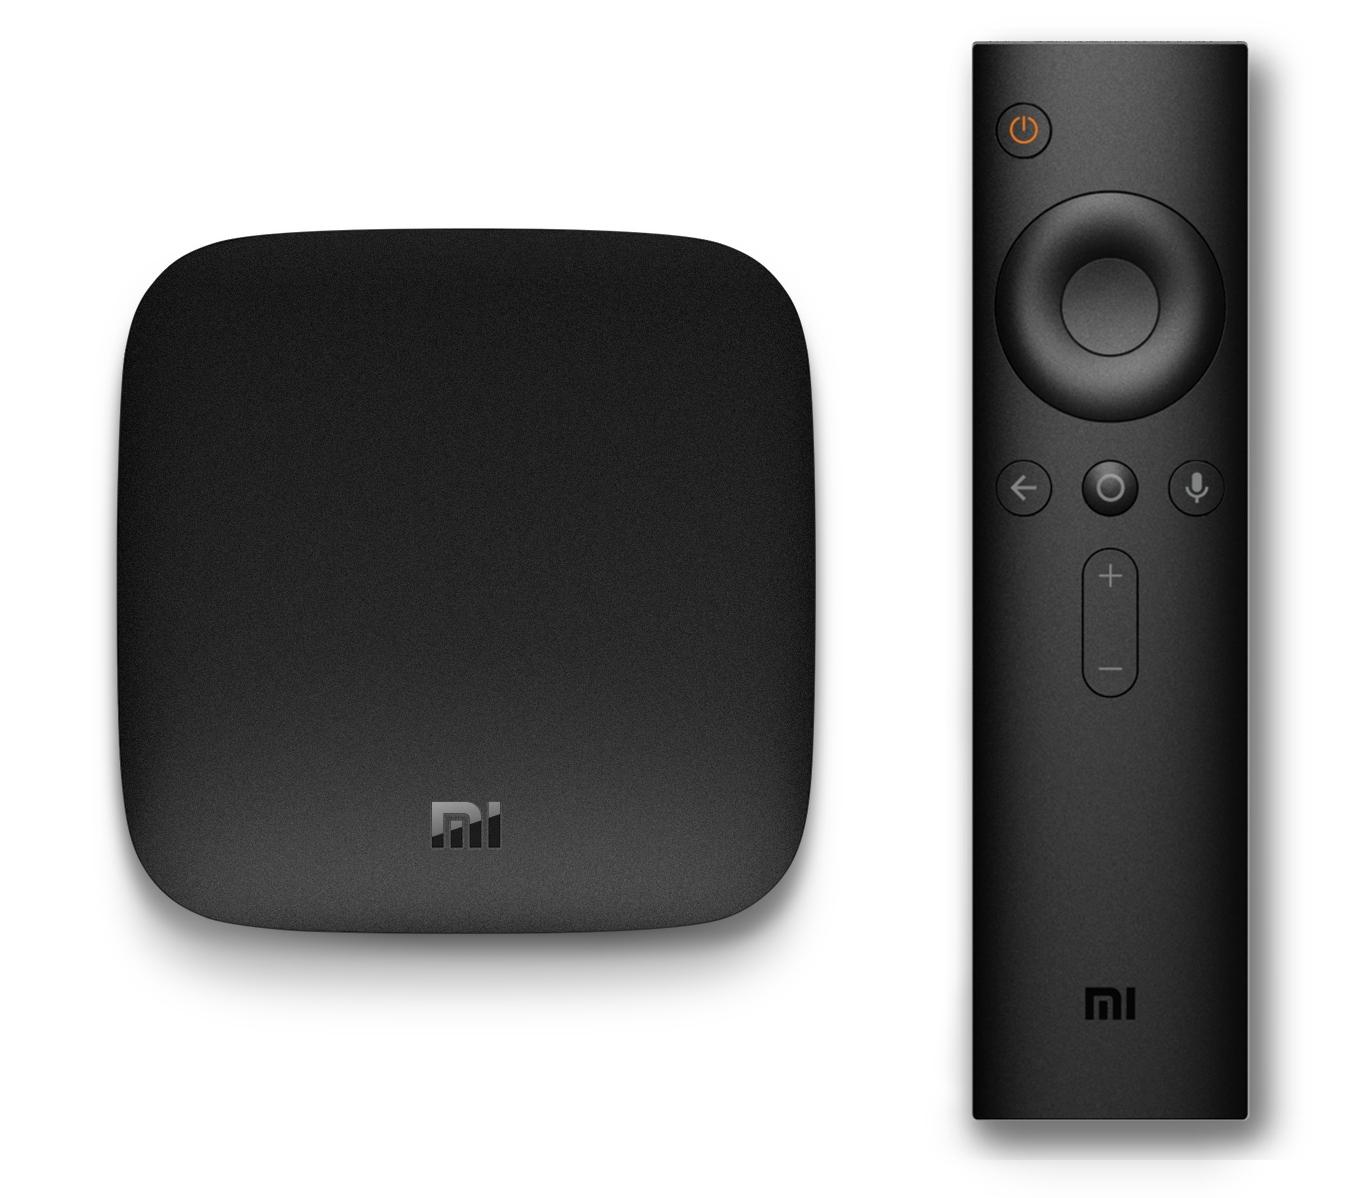 Mi Box & Remote